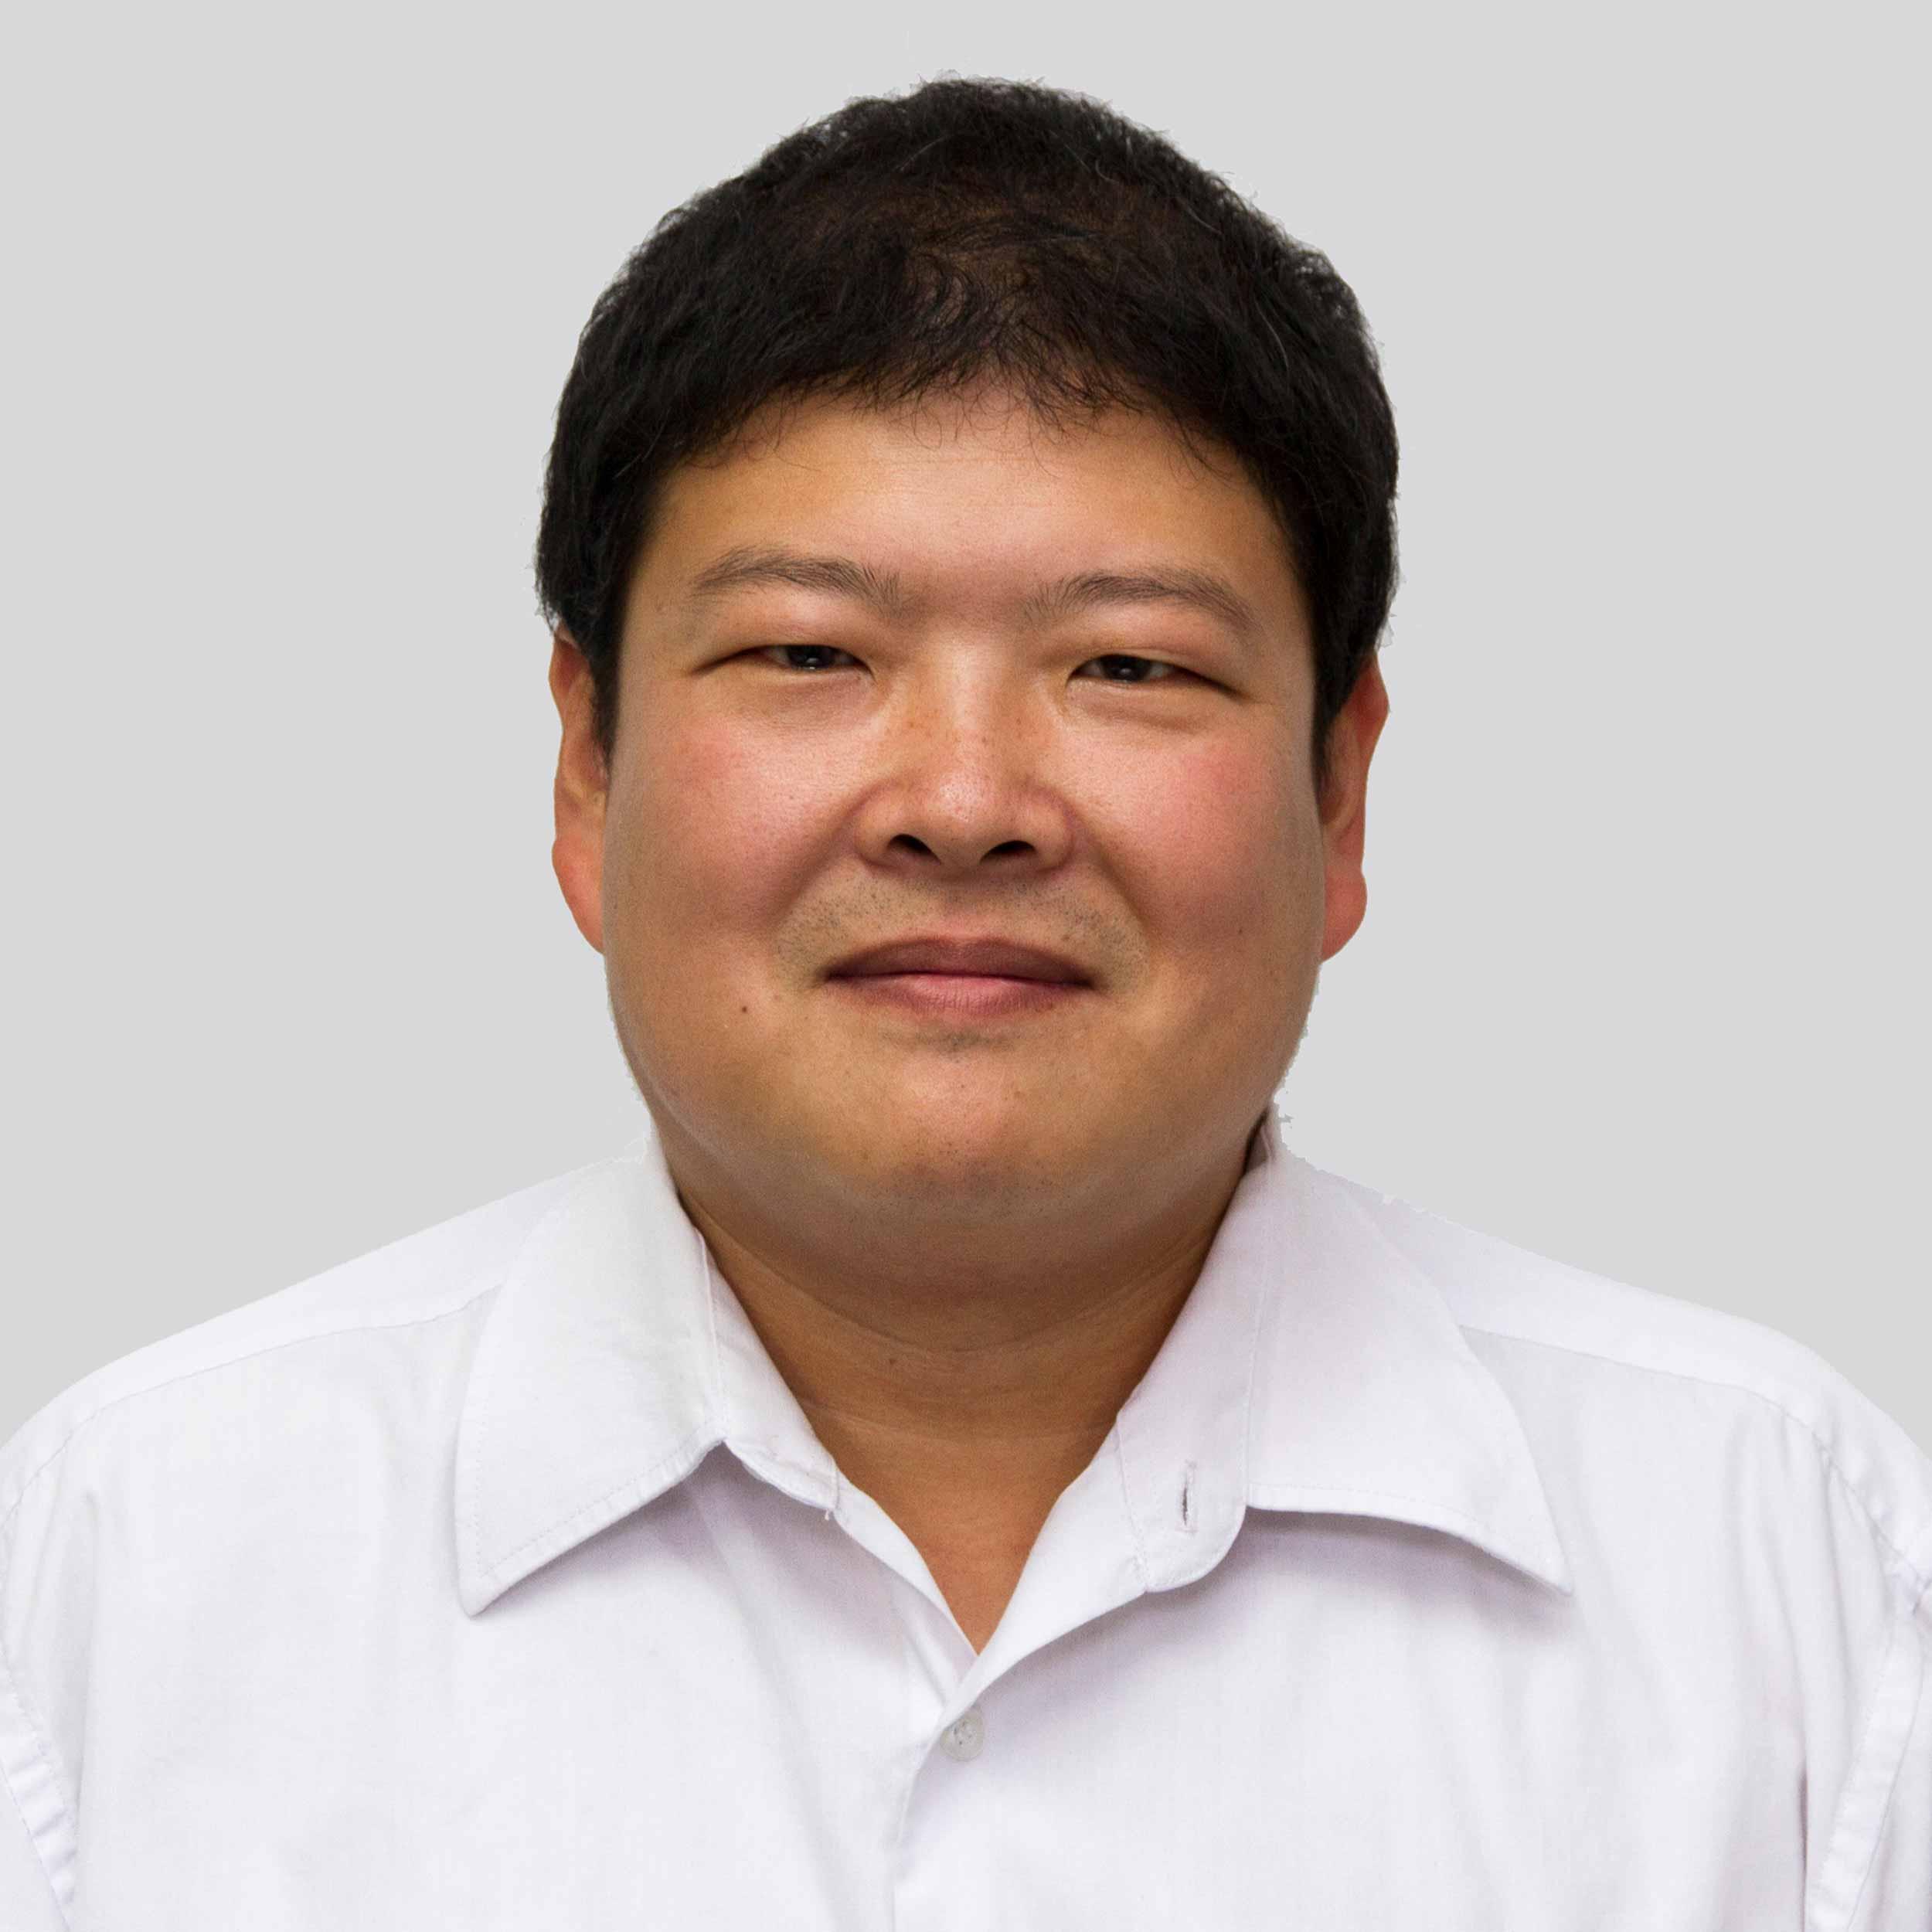 Akihiro Oishi